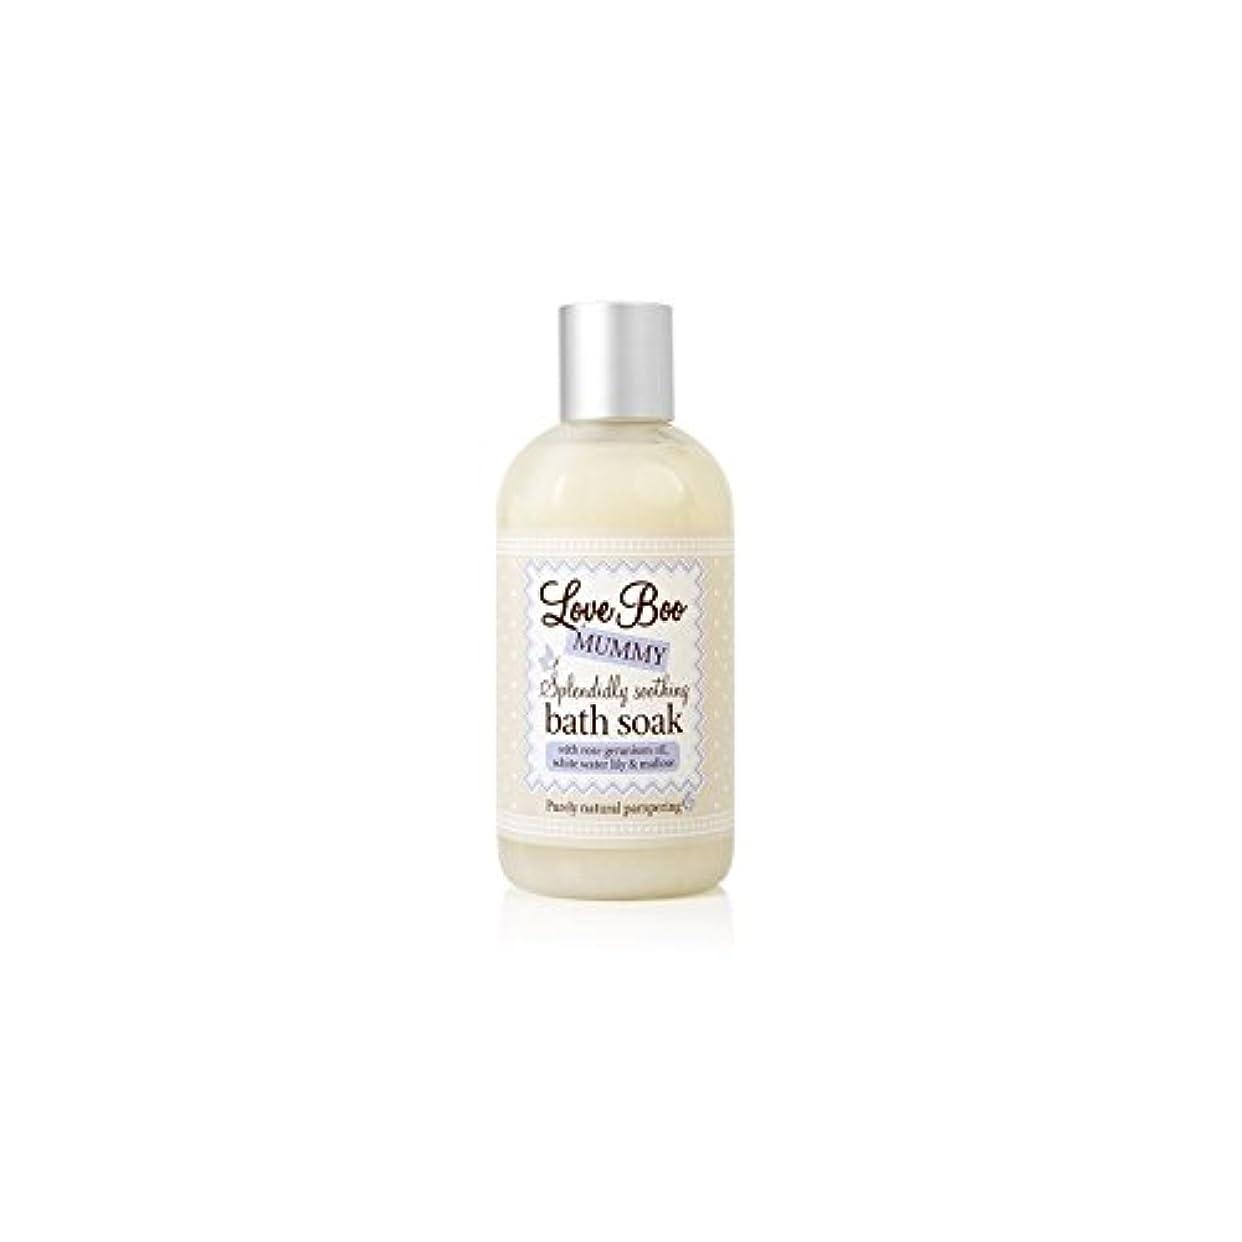 注入する野生苦味Love Boo Splendidly Soothing Bath Soak (250ml) - ブーイング見事なだめるようなお風呂が大好き(250ミリリットル)を浸します [並行輸入品]